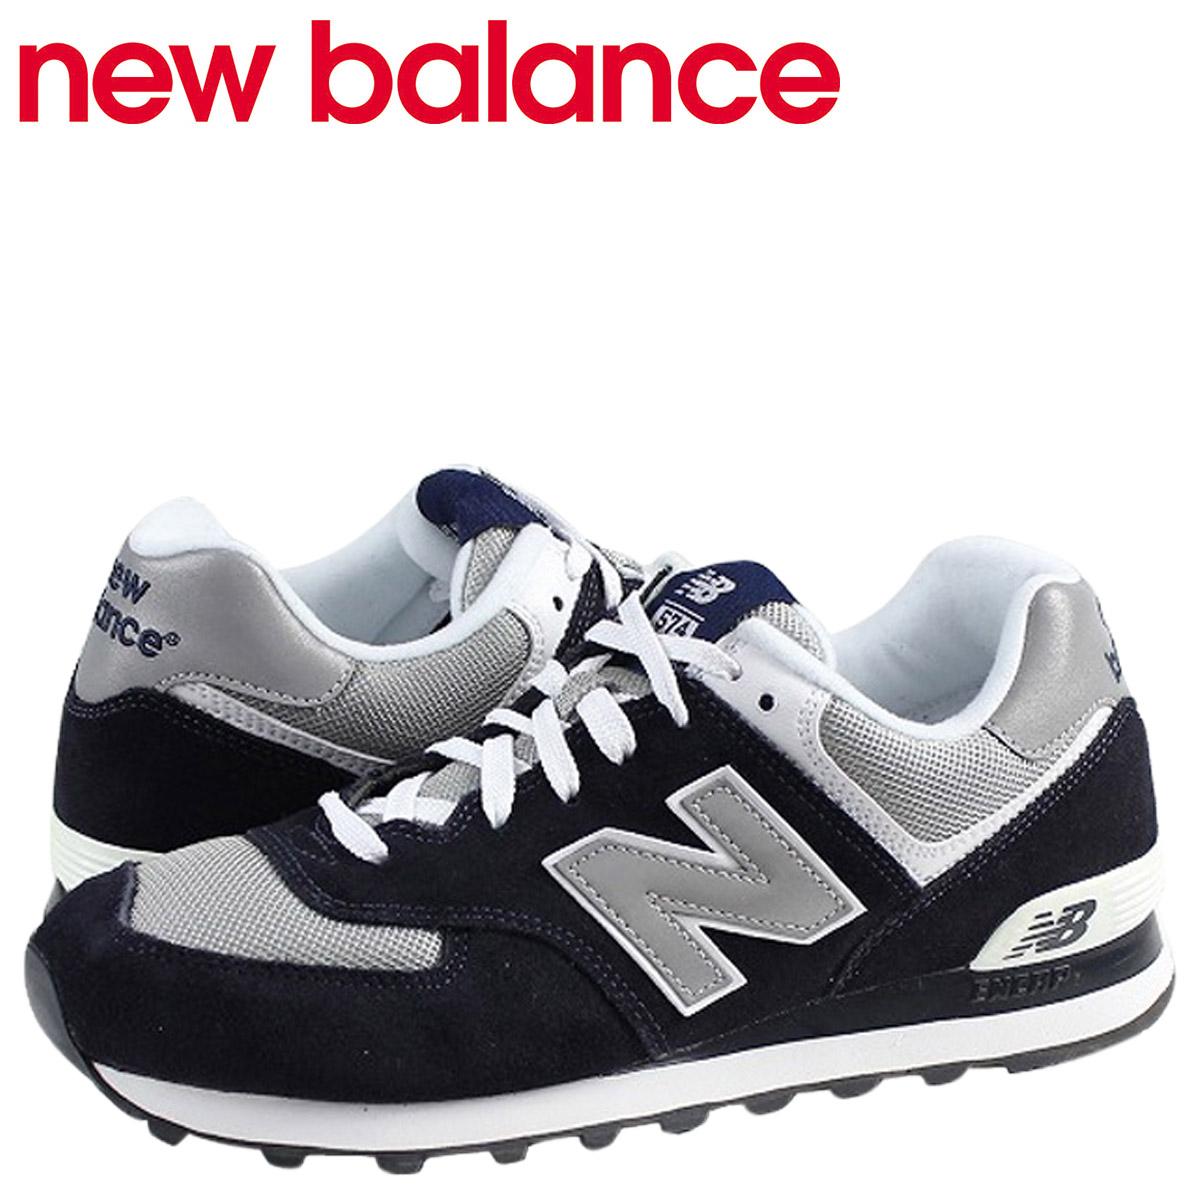 new balance 574 online shop